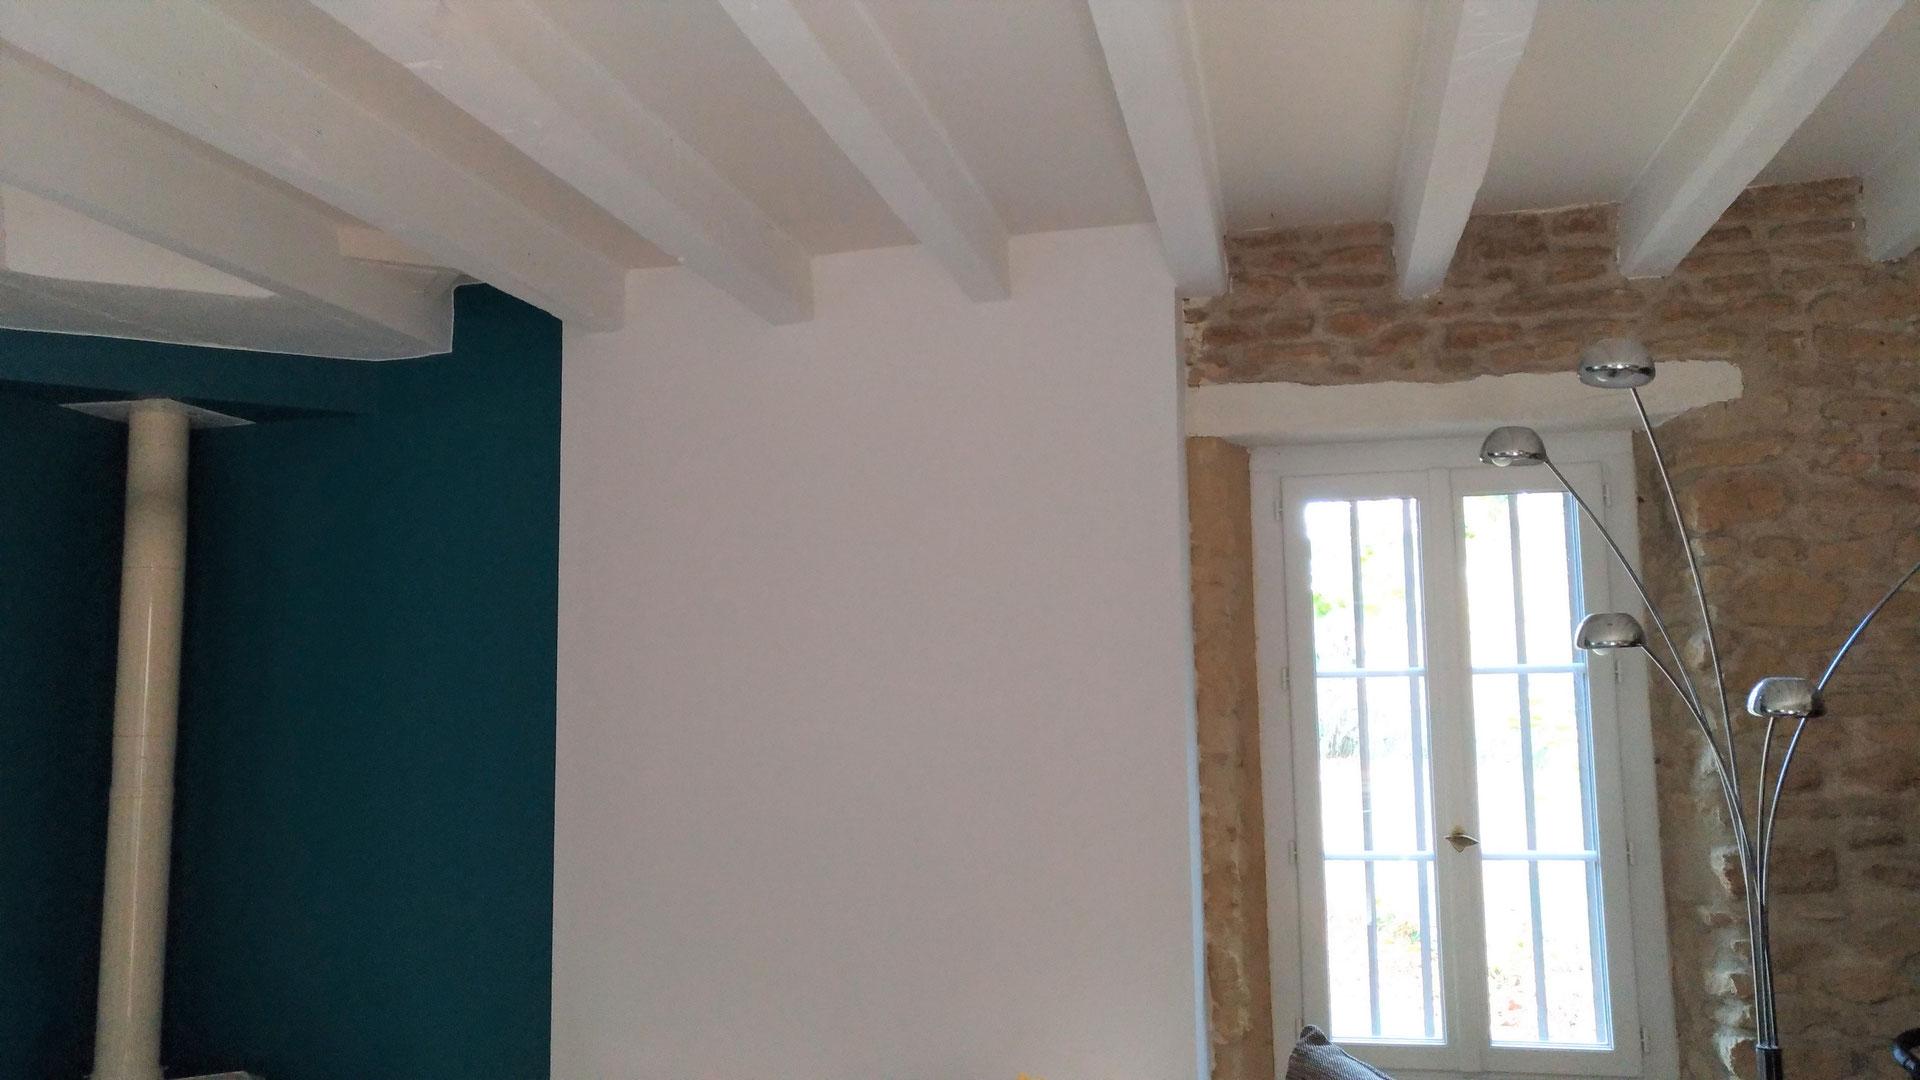 Mur Pierre Apparente Intérieur rénovation maison - isabelle vionnet - architecte d